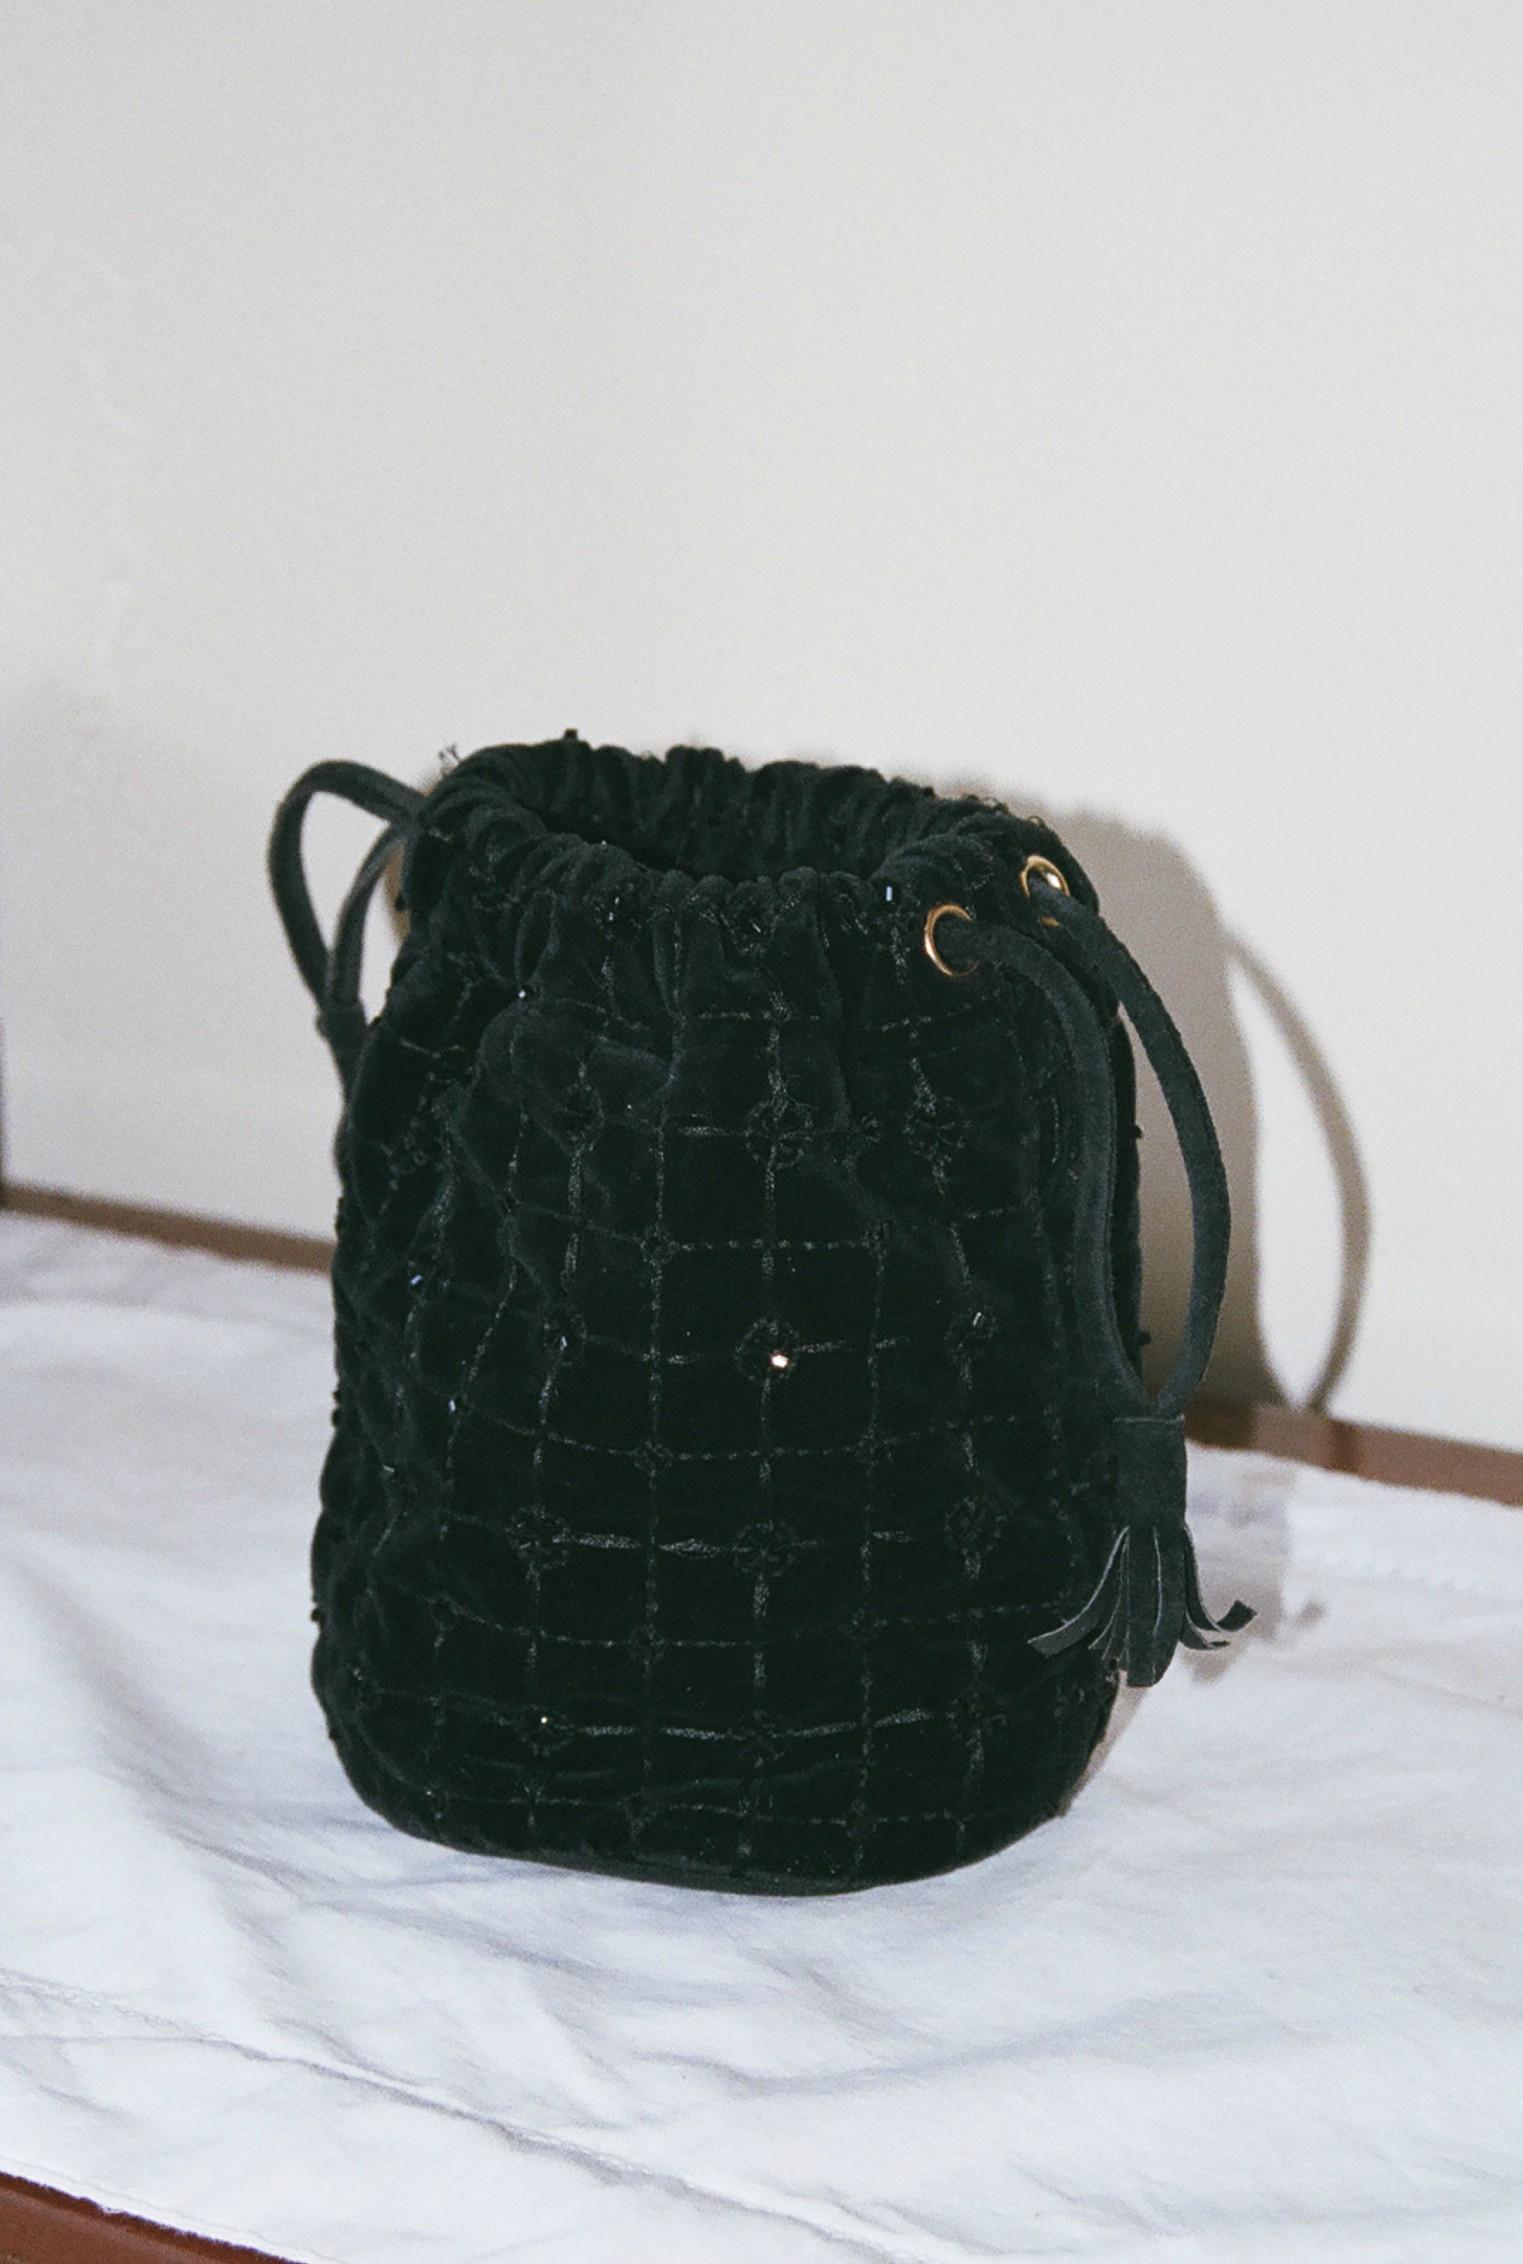 prada velvet embellished purse 1.jpg